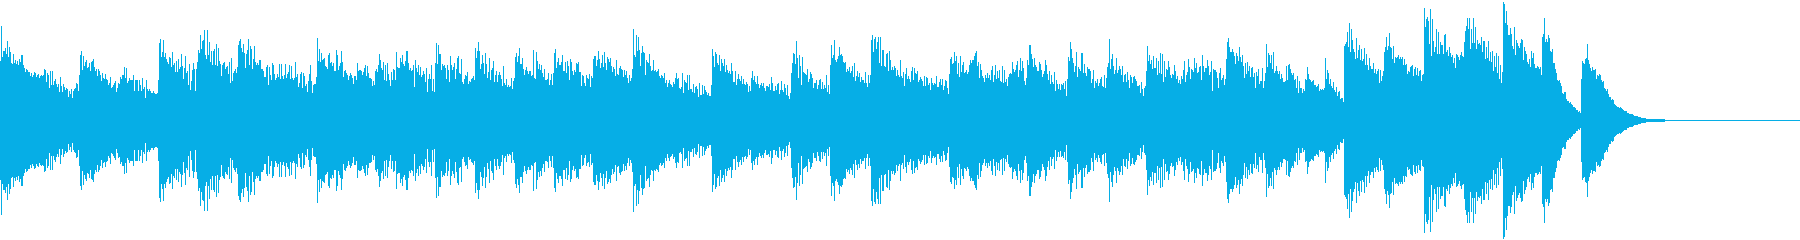 料理動画に♪煌びやかな中華ピアノジングルの再生済みの波形